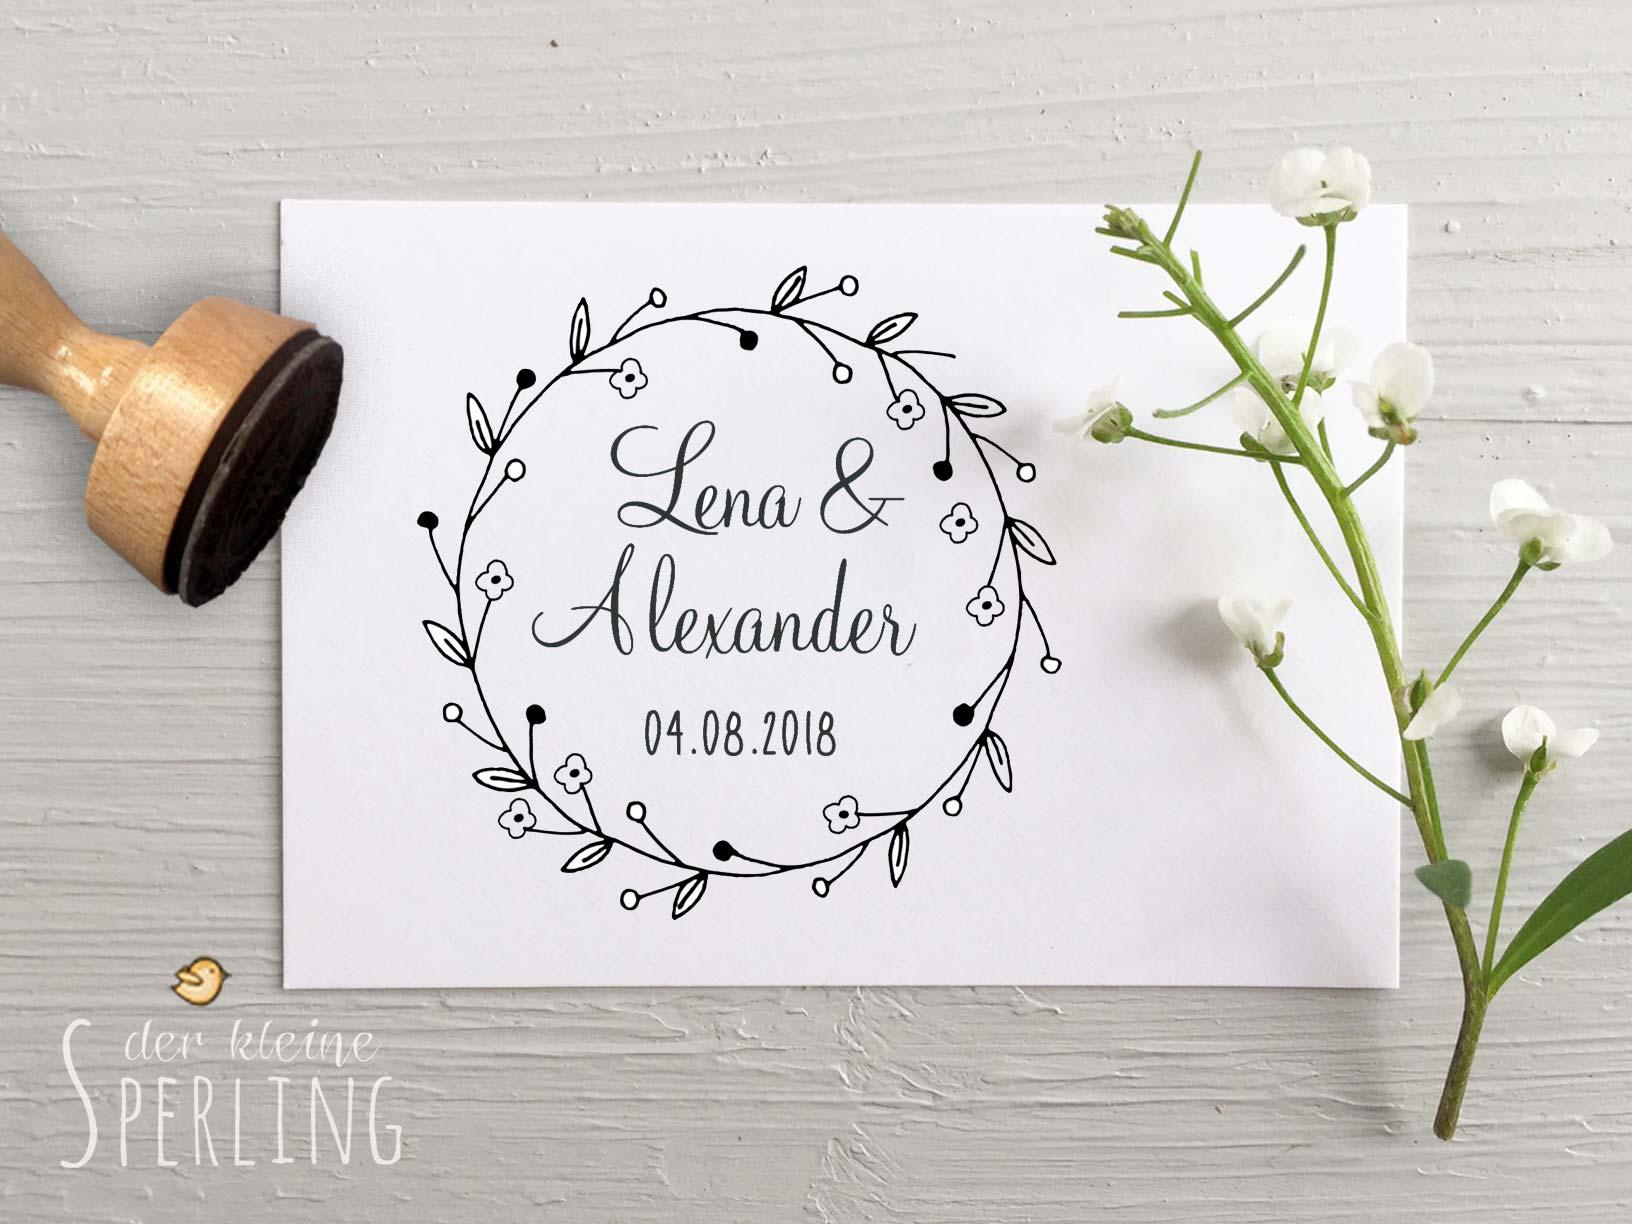 Stempel zur Hochzeit: Personalisiert mit Namen und Datum